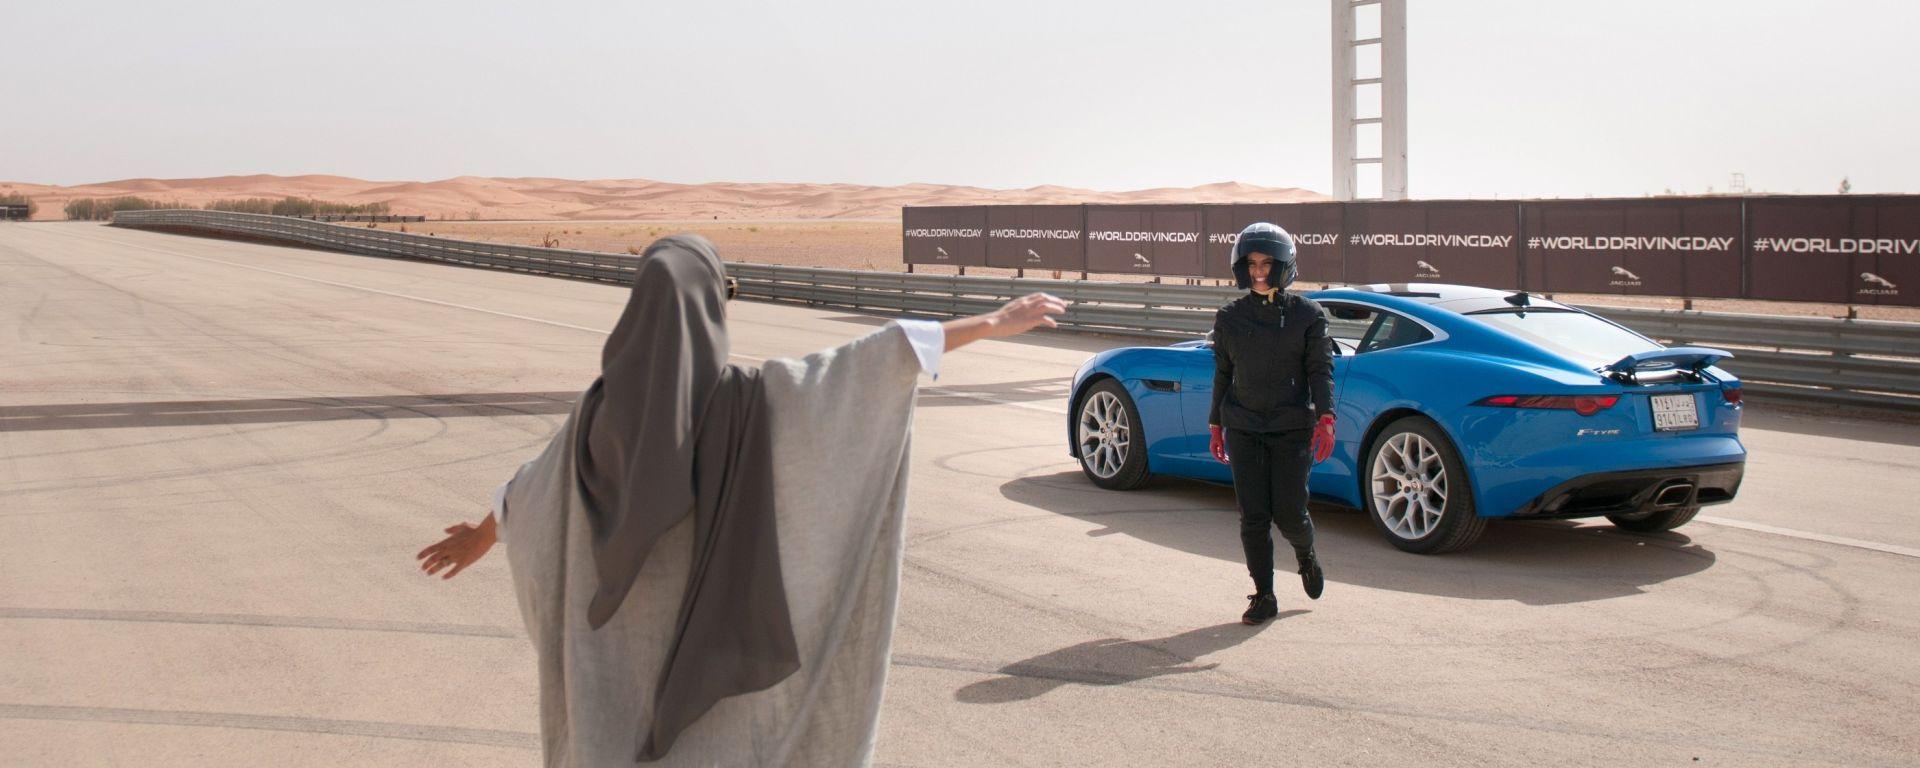 Arabia Saudita: patente libera per le donne